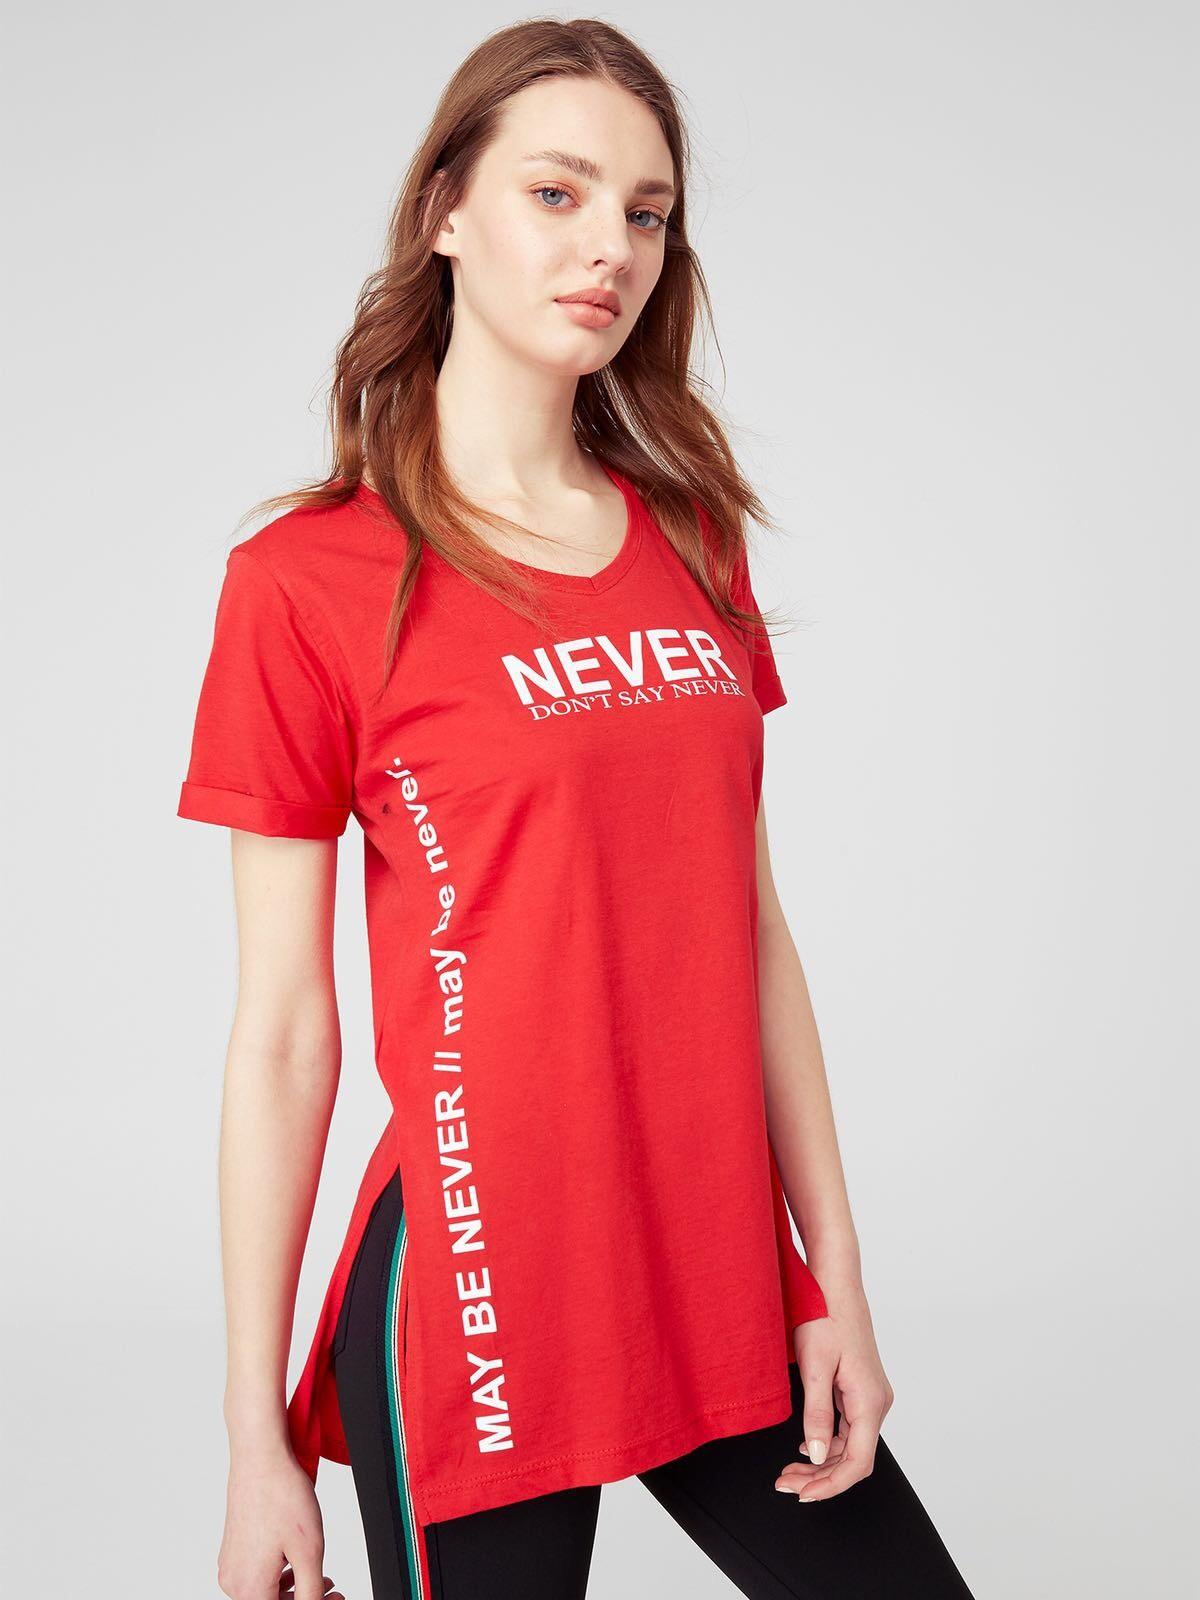 Стильні червоні футболки для яскравих міських образів fc880f505c3be